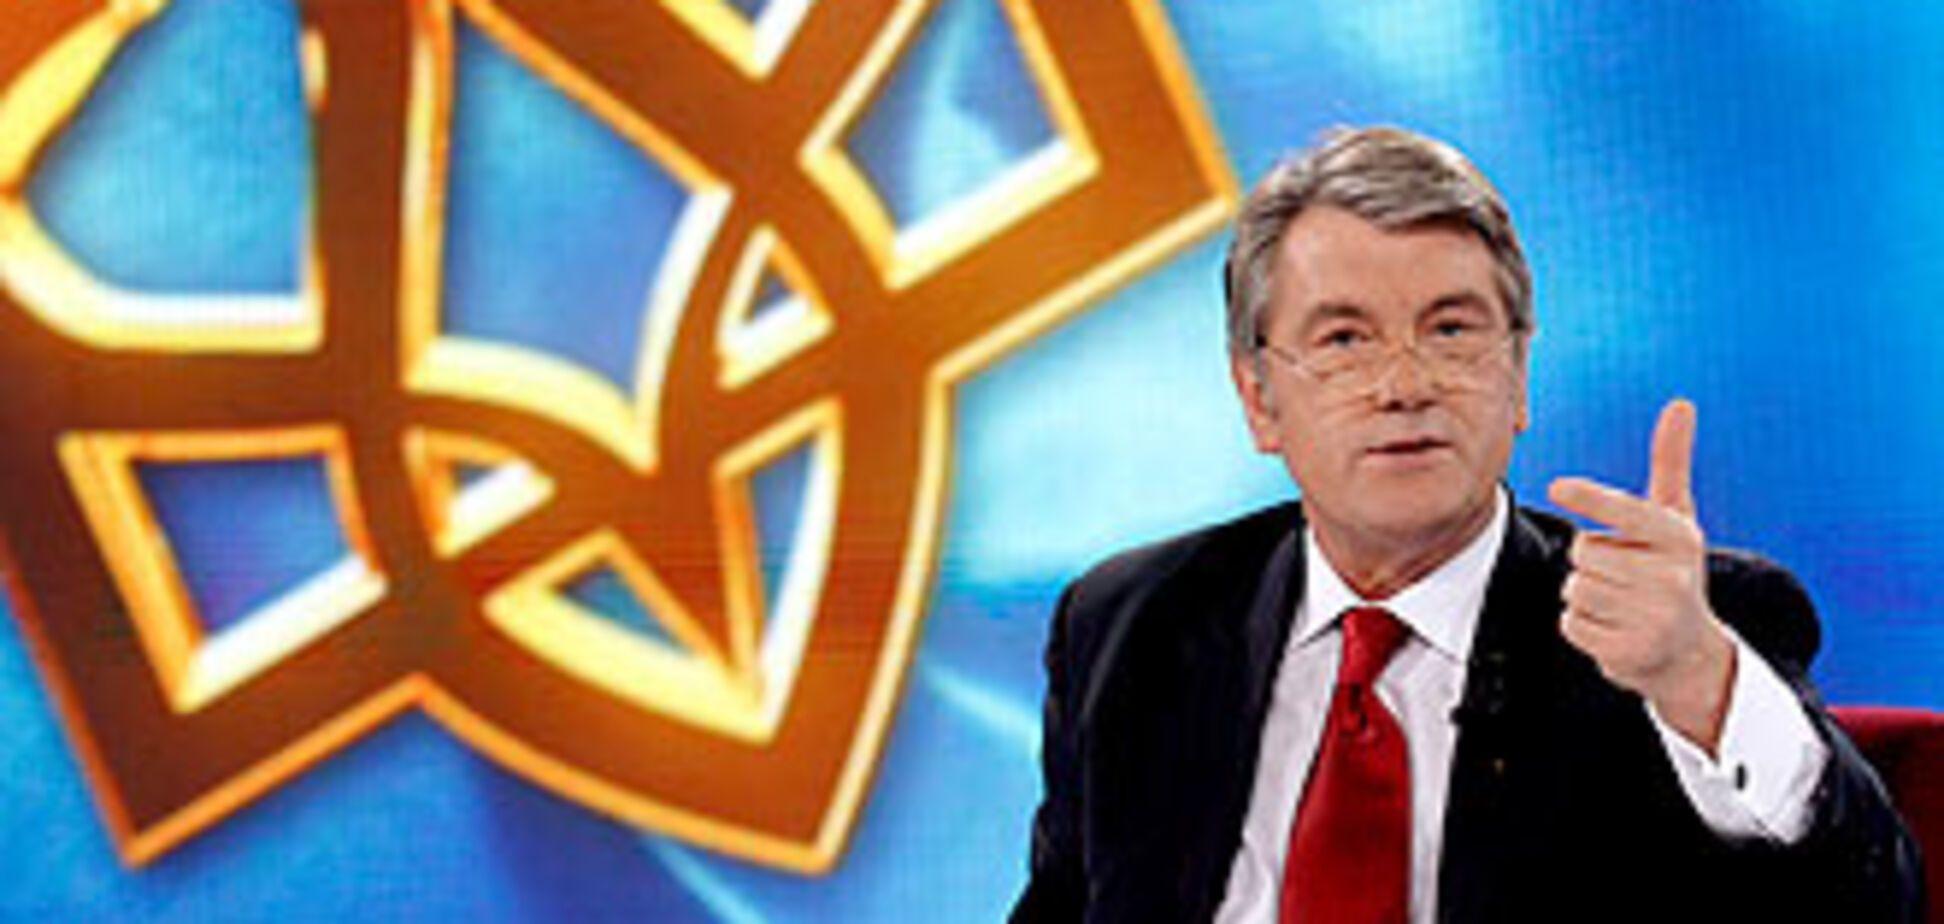 Ющенко наполягає на 'ритмічній роботі' влади